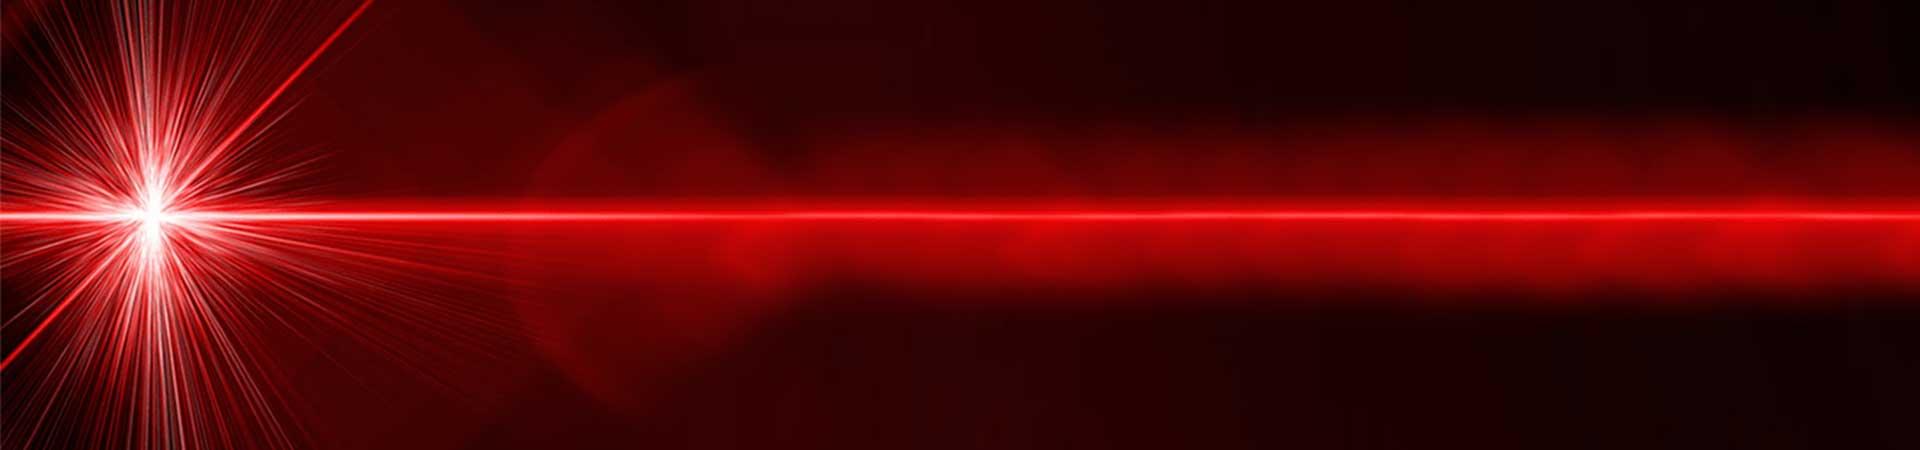 Volumed-Therapie mit Soft Laser